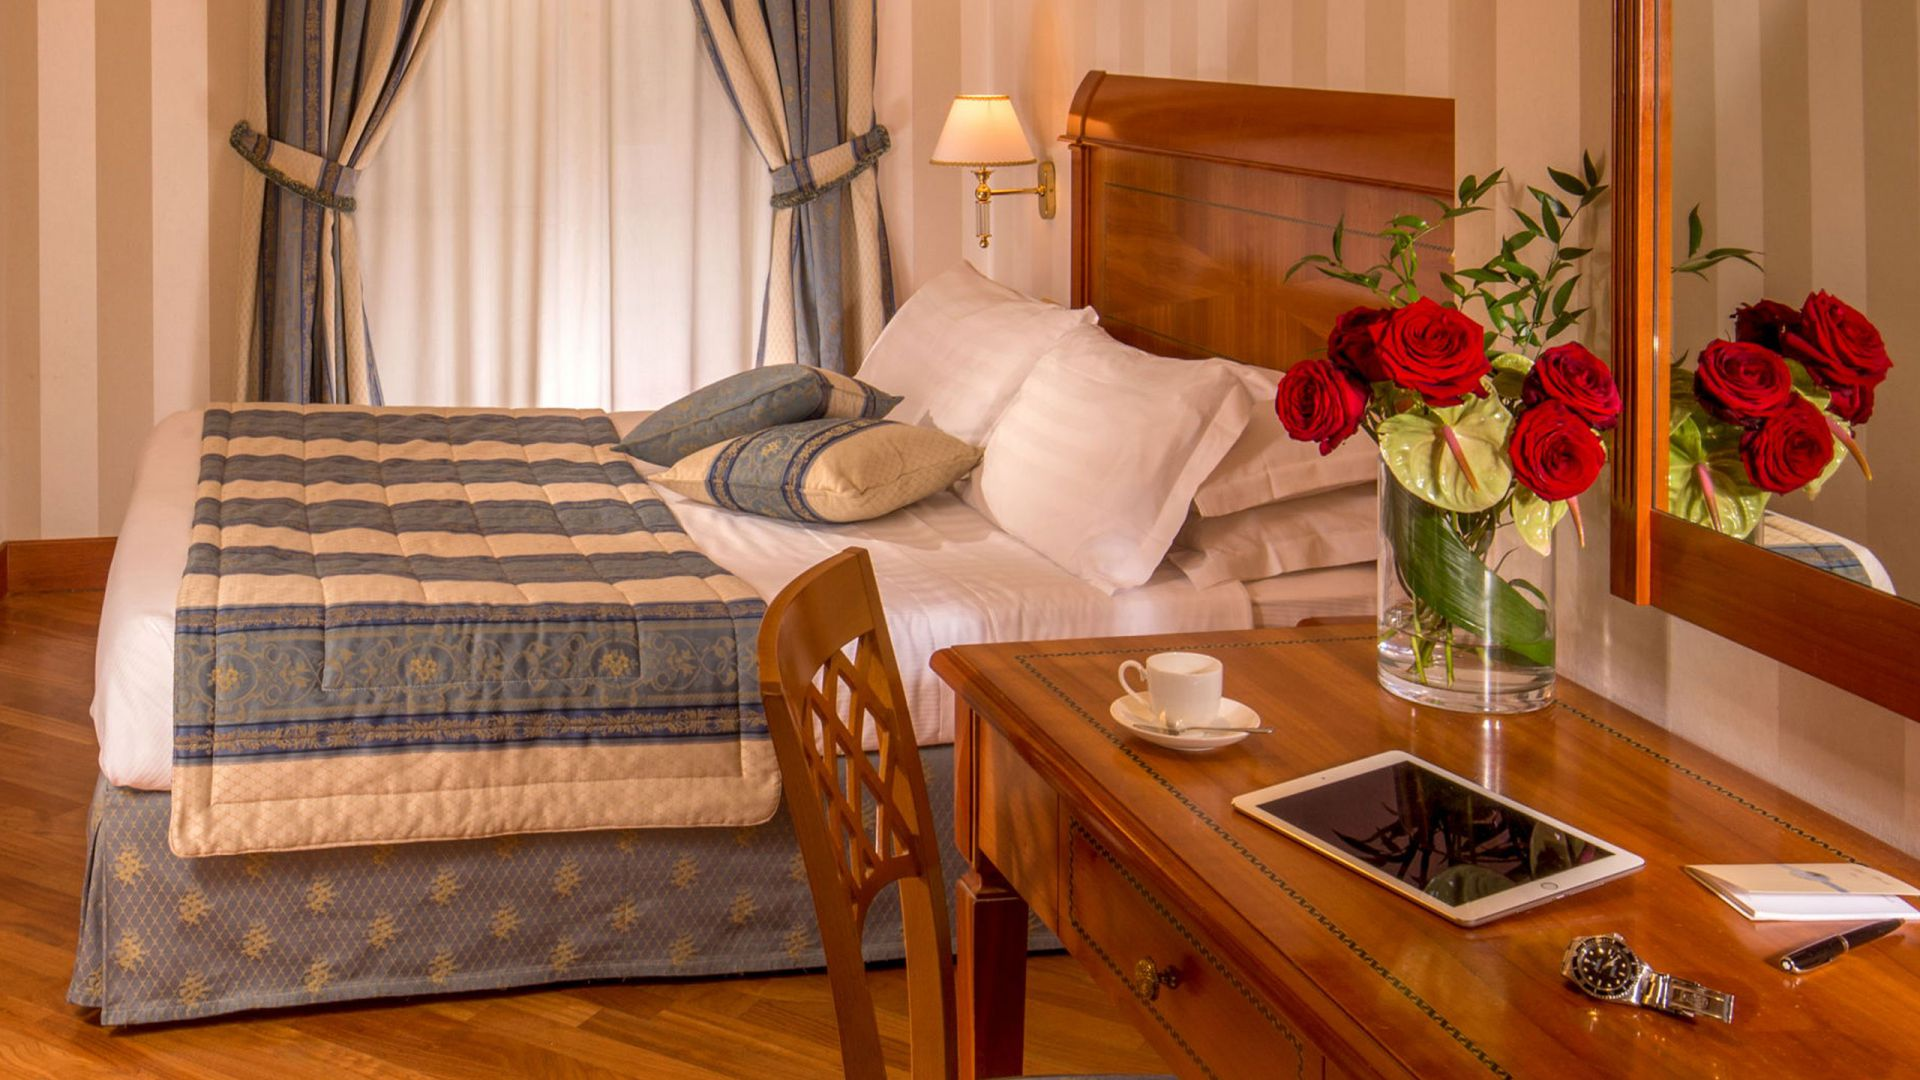 albergo-ottocento-roma-doppia-classic-03